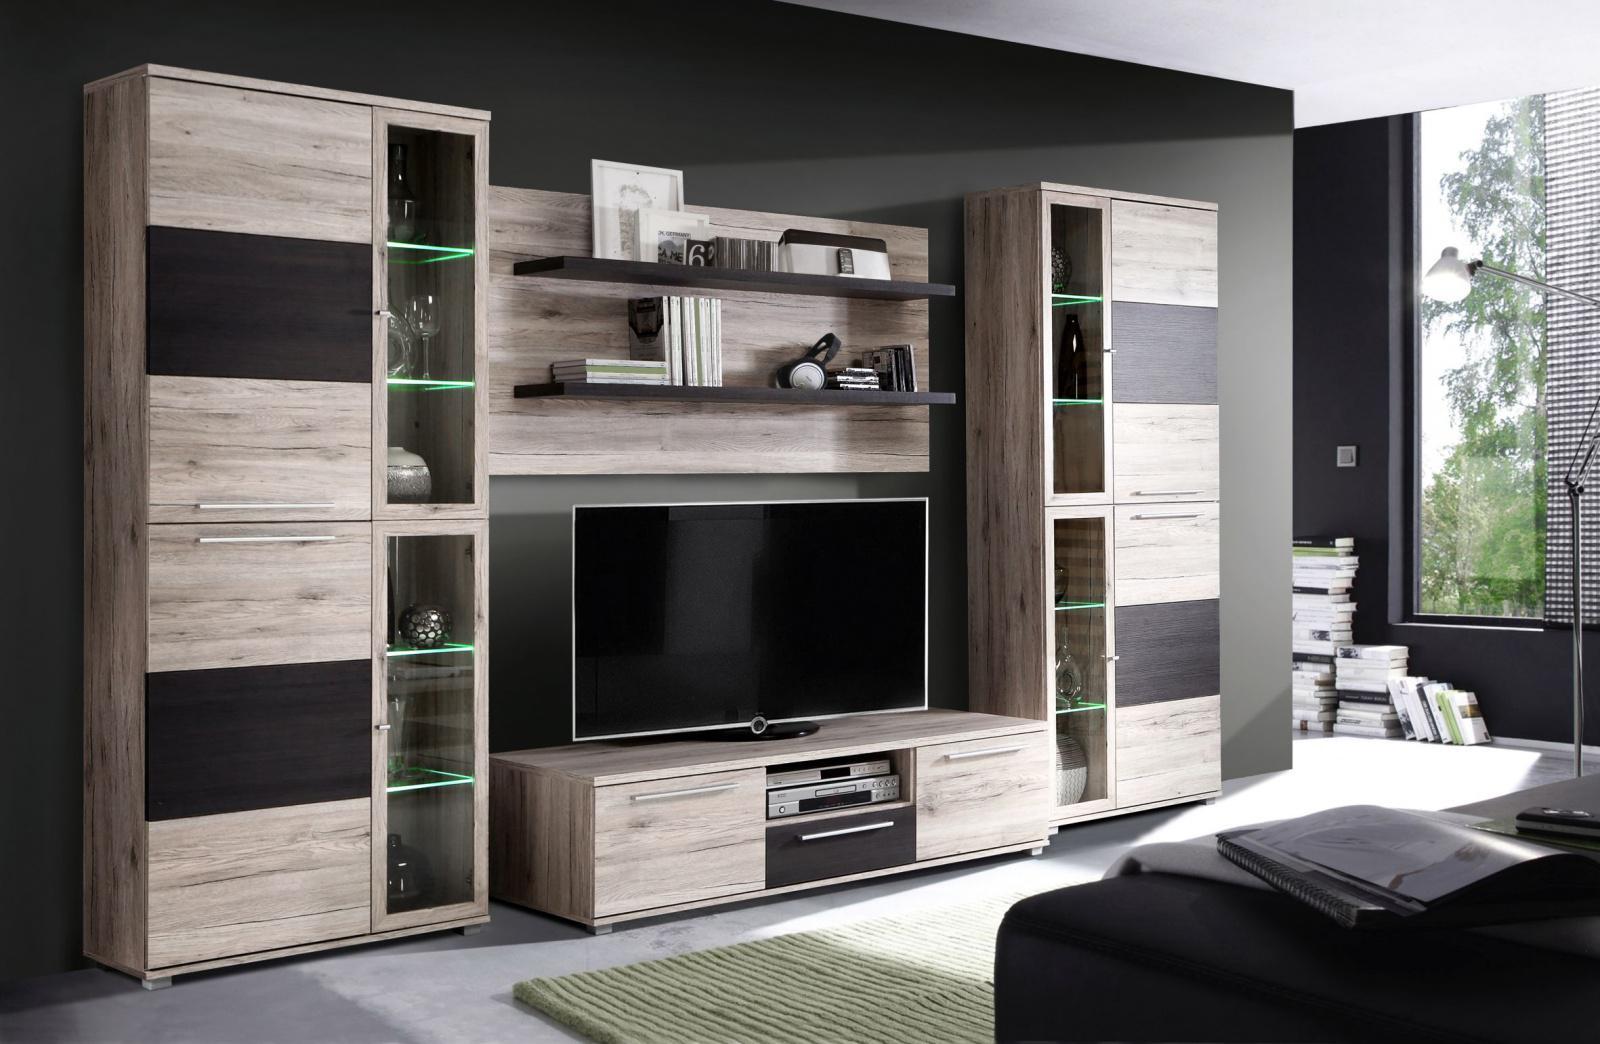 Wohnwand Touchwood günstig online kaufen bei Yatego